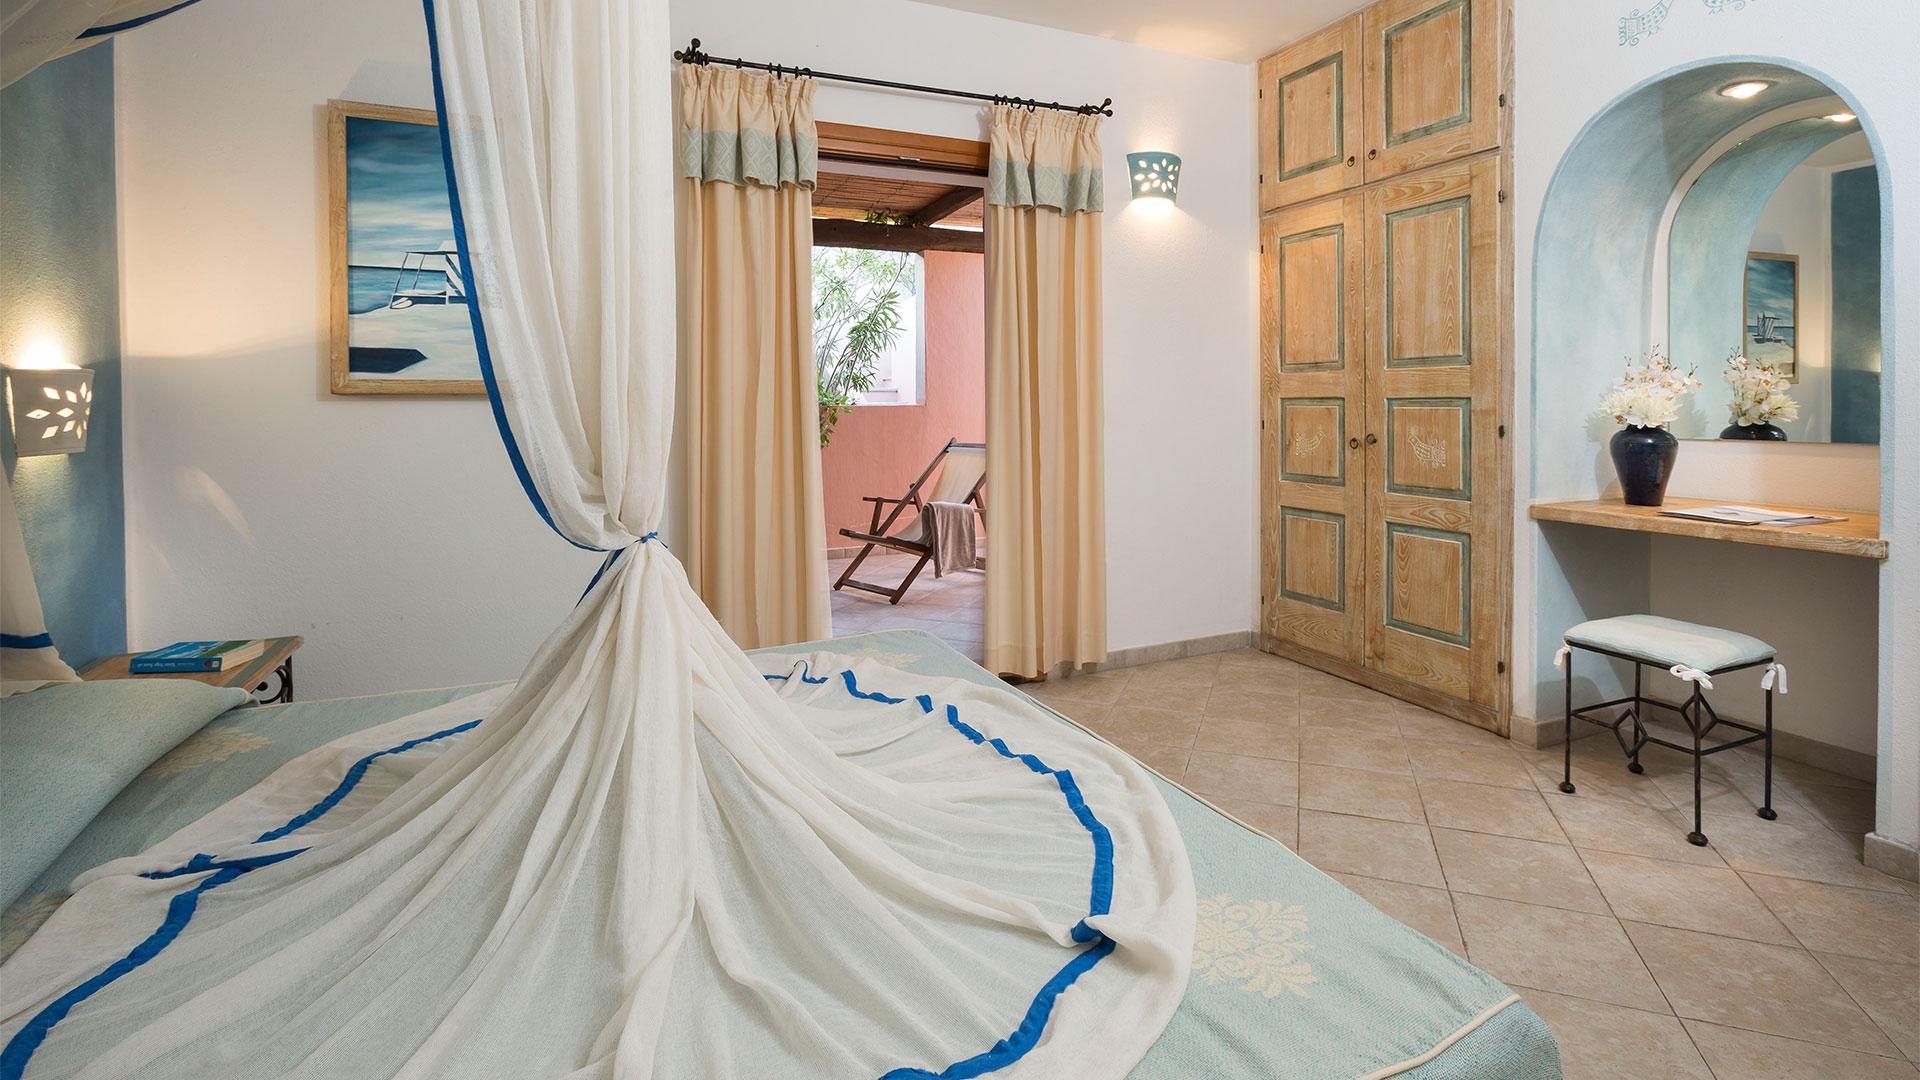 hotel-falco-slider-ville-mare-sardegna-cannigione-4